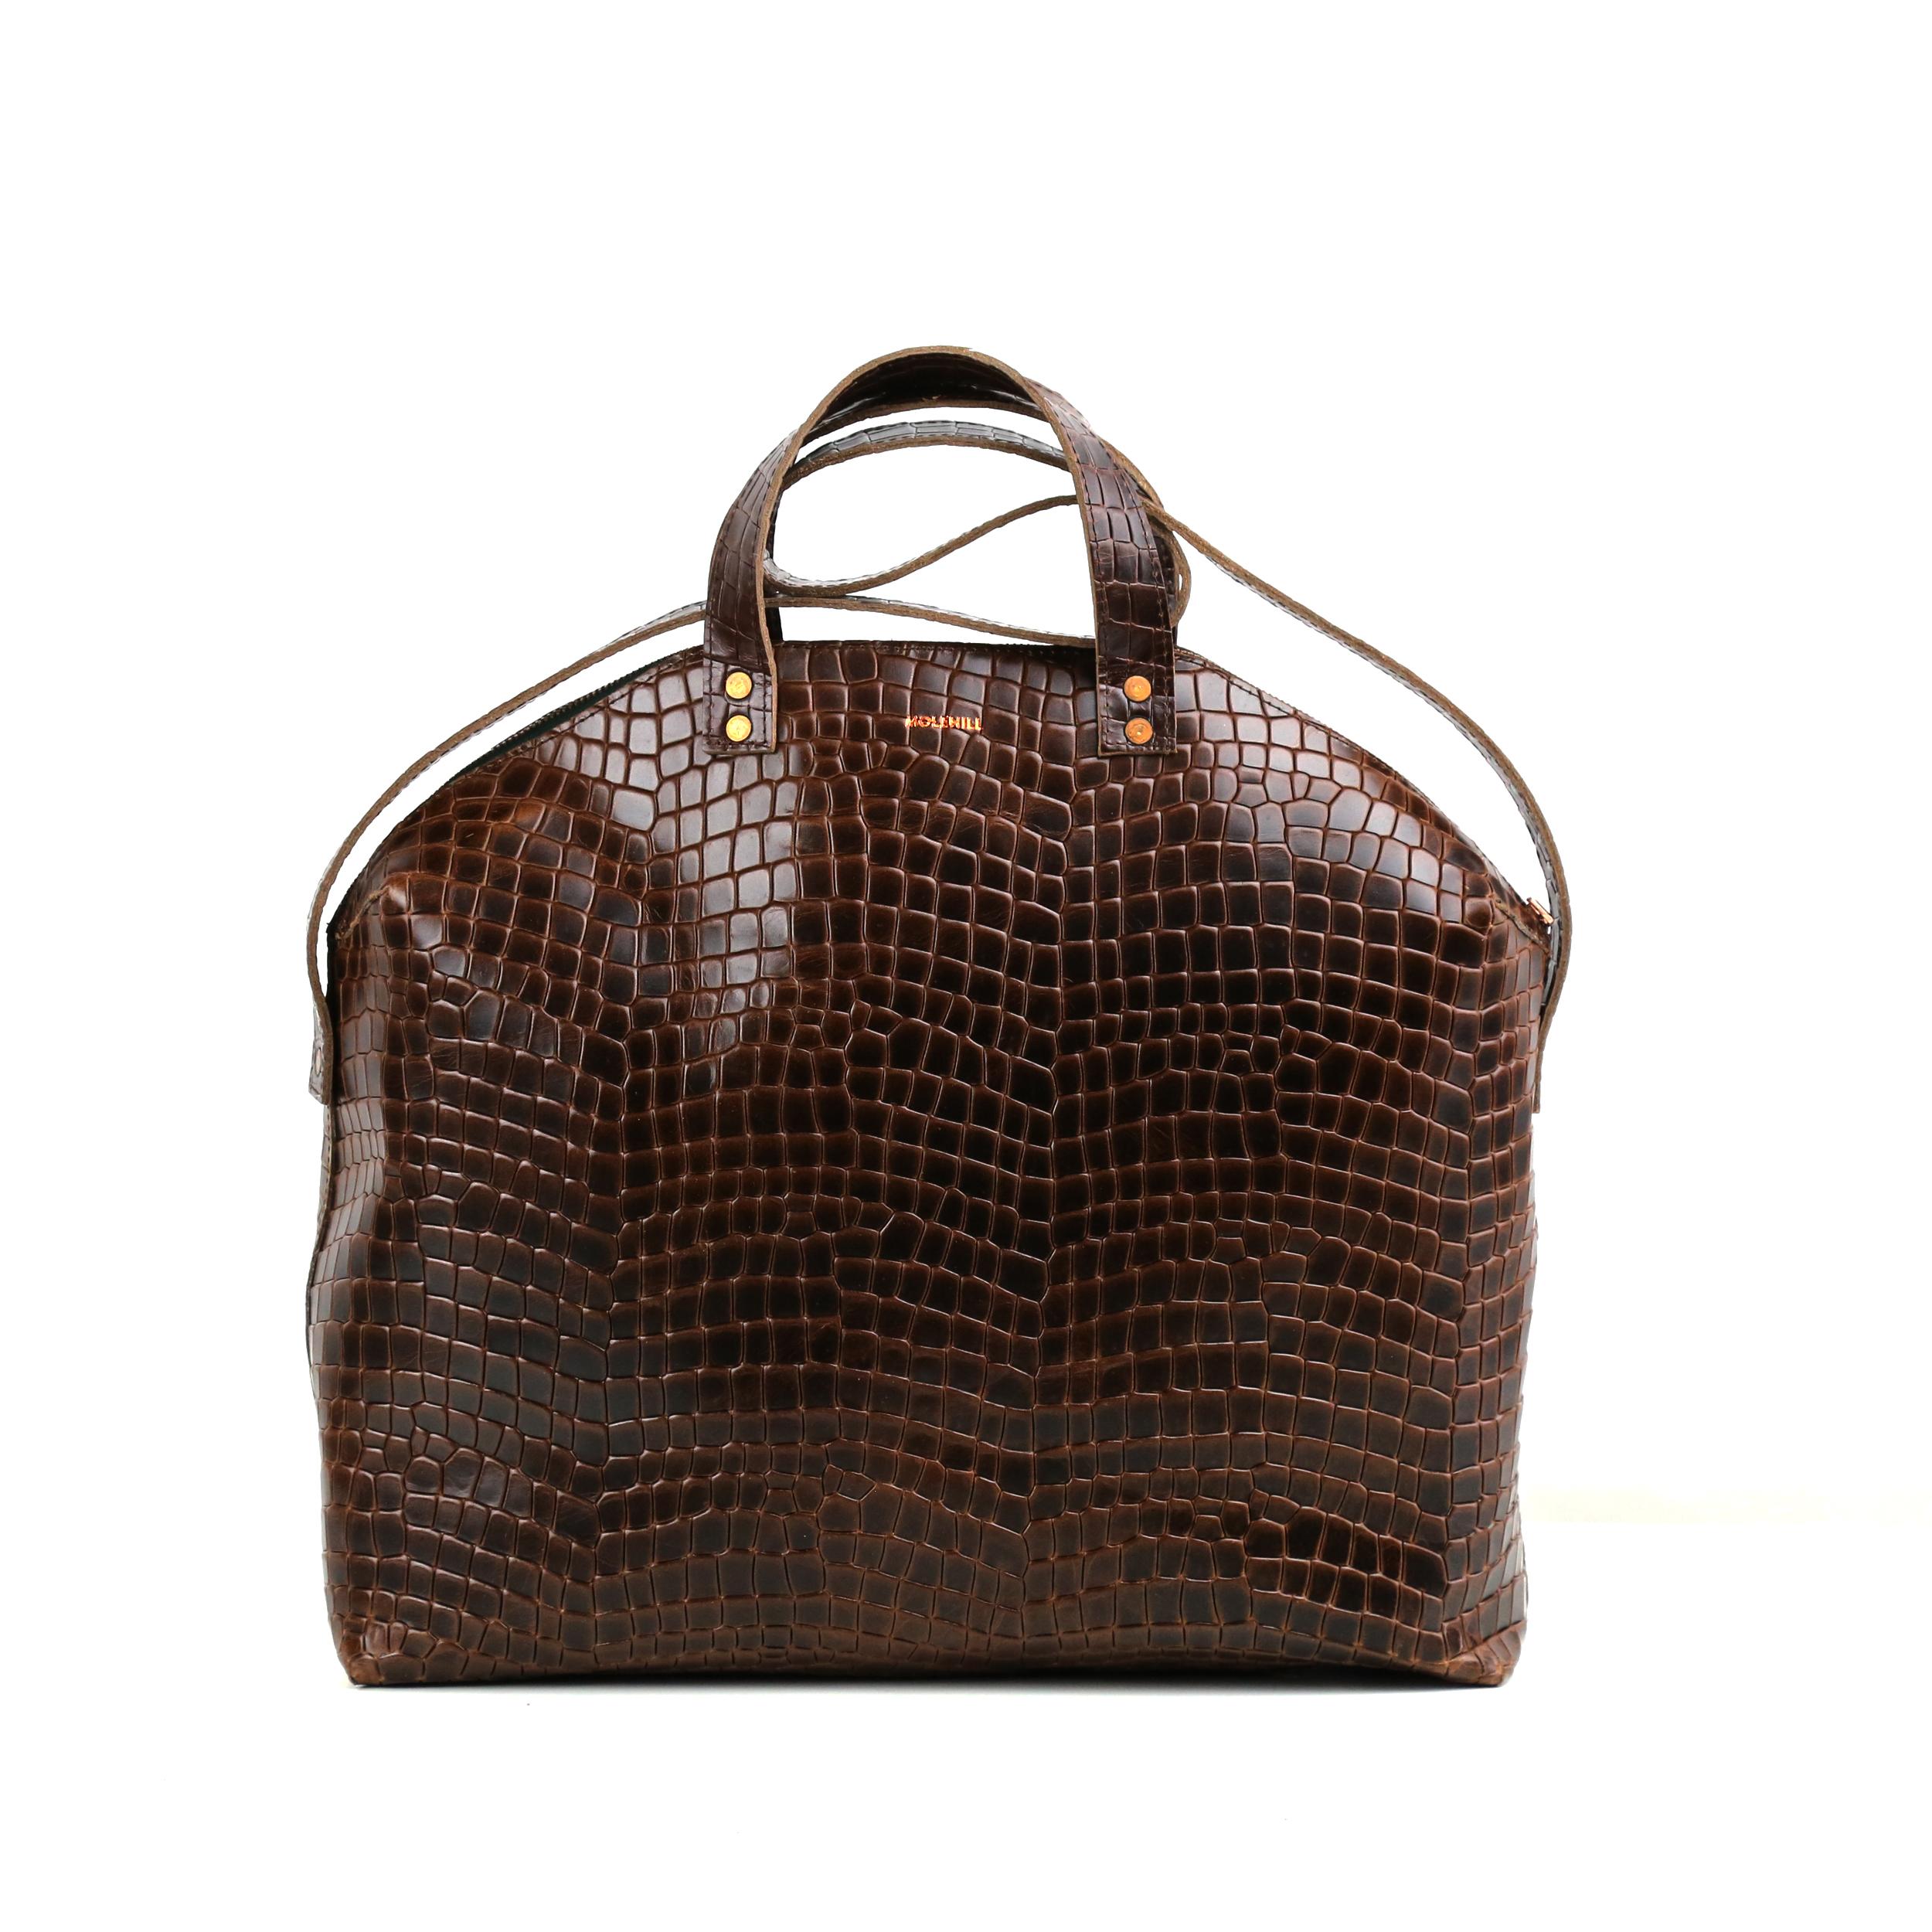 MADURA Handbag Croco Sample Sale No. 1-2